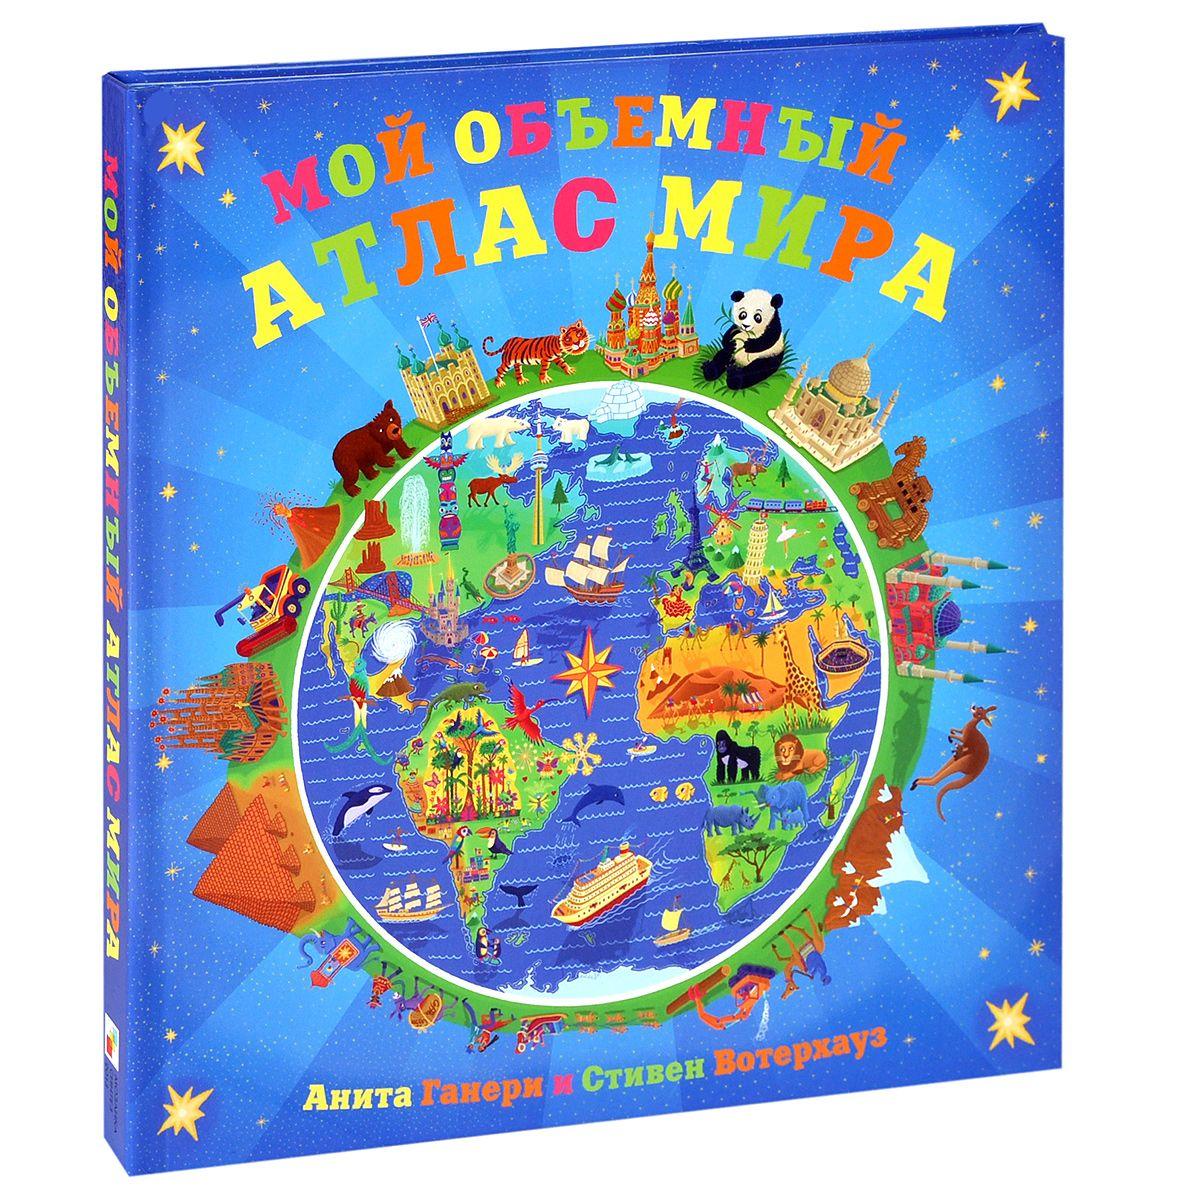 Купить Книга - Мой объемный атлас мира, для детей от 5 лет, Мозаика-Синтез